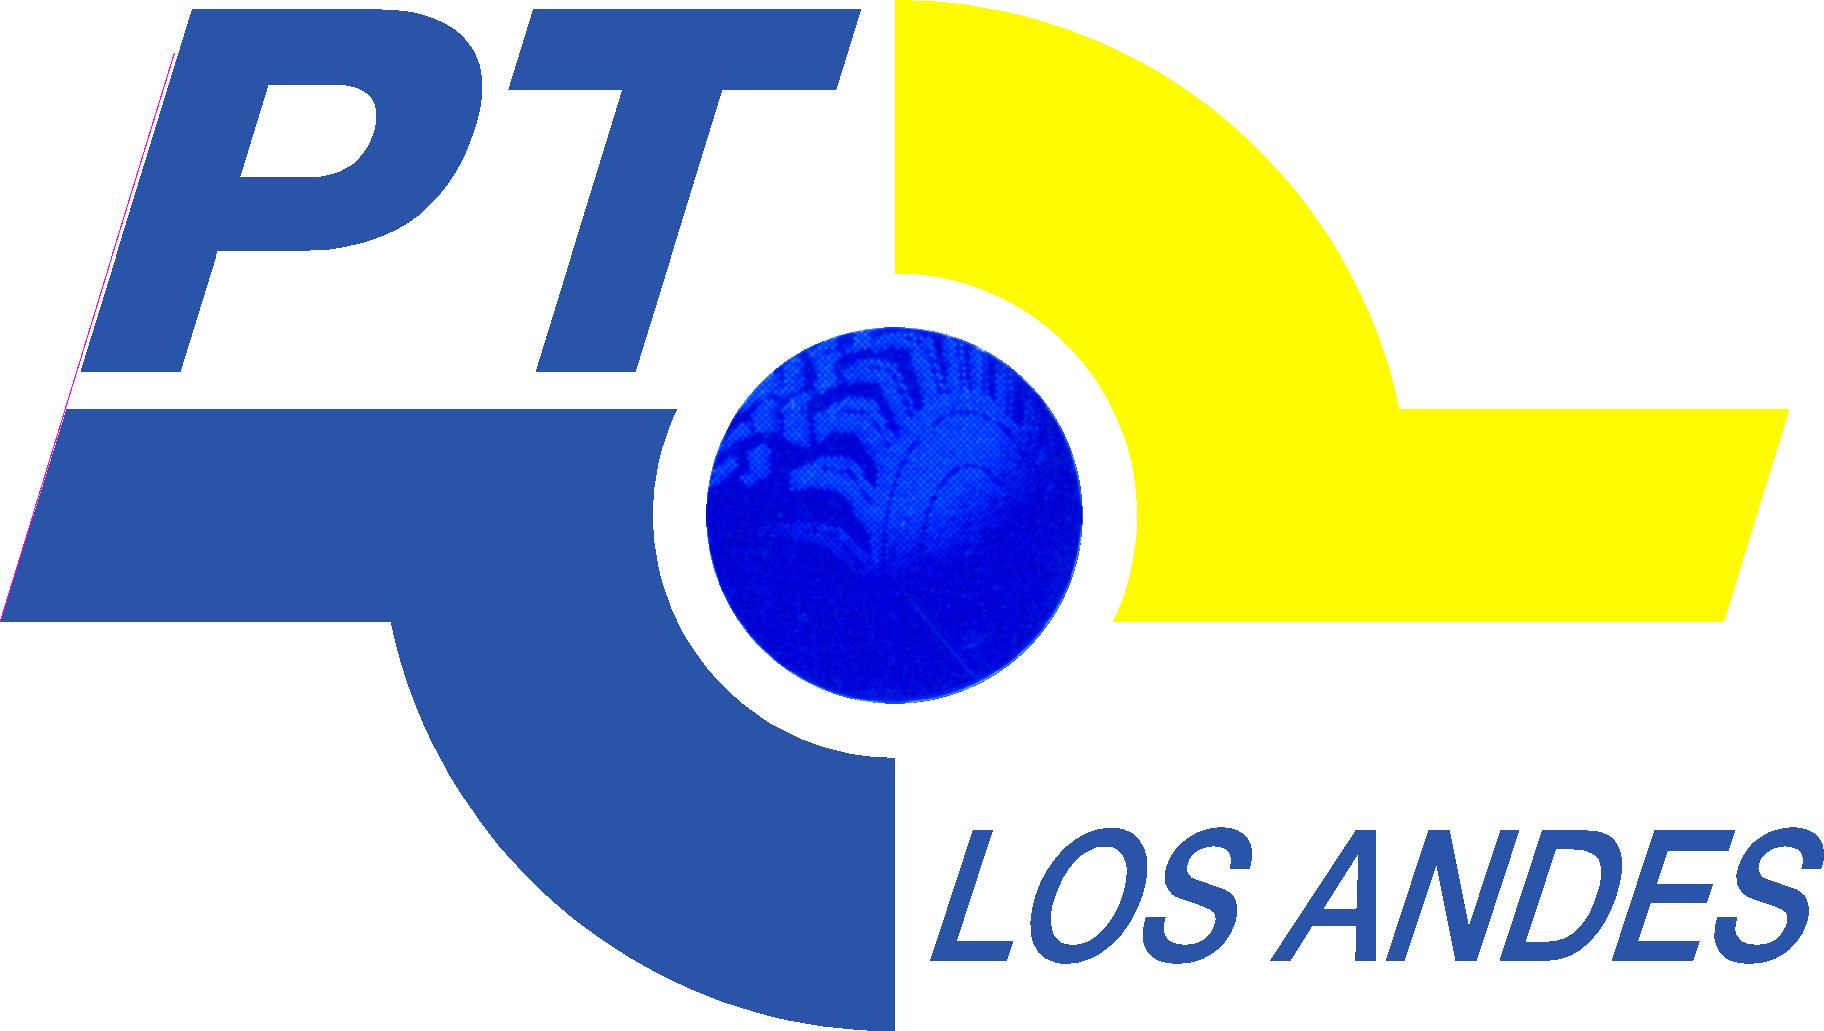 Puerto Terrestre Los Andes.Puerto Terrestre Los Andes.